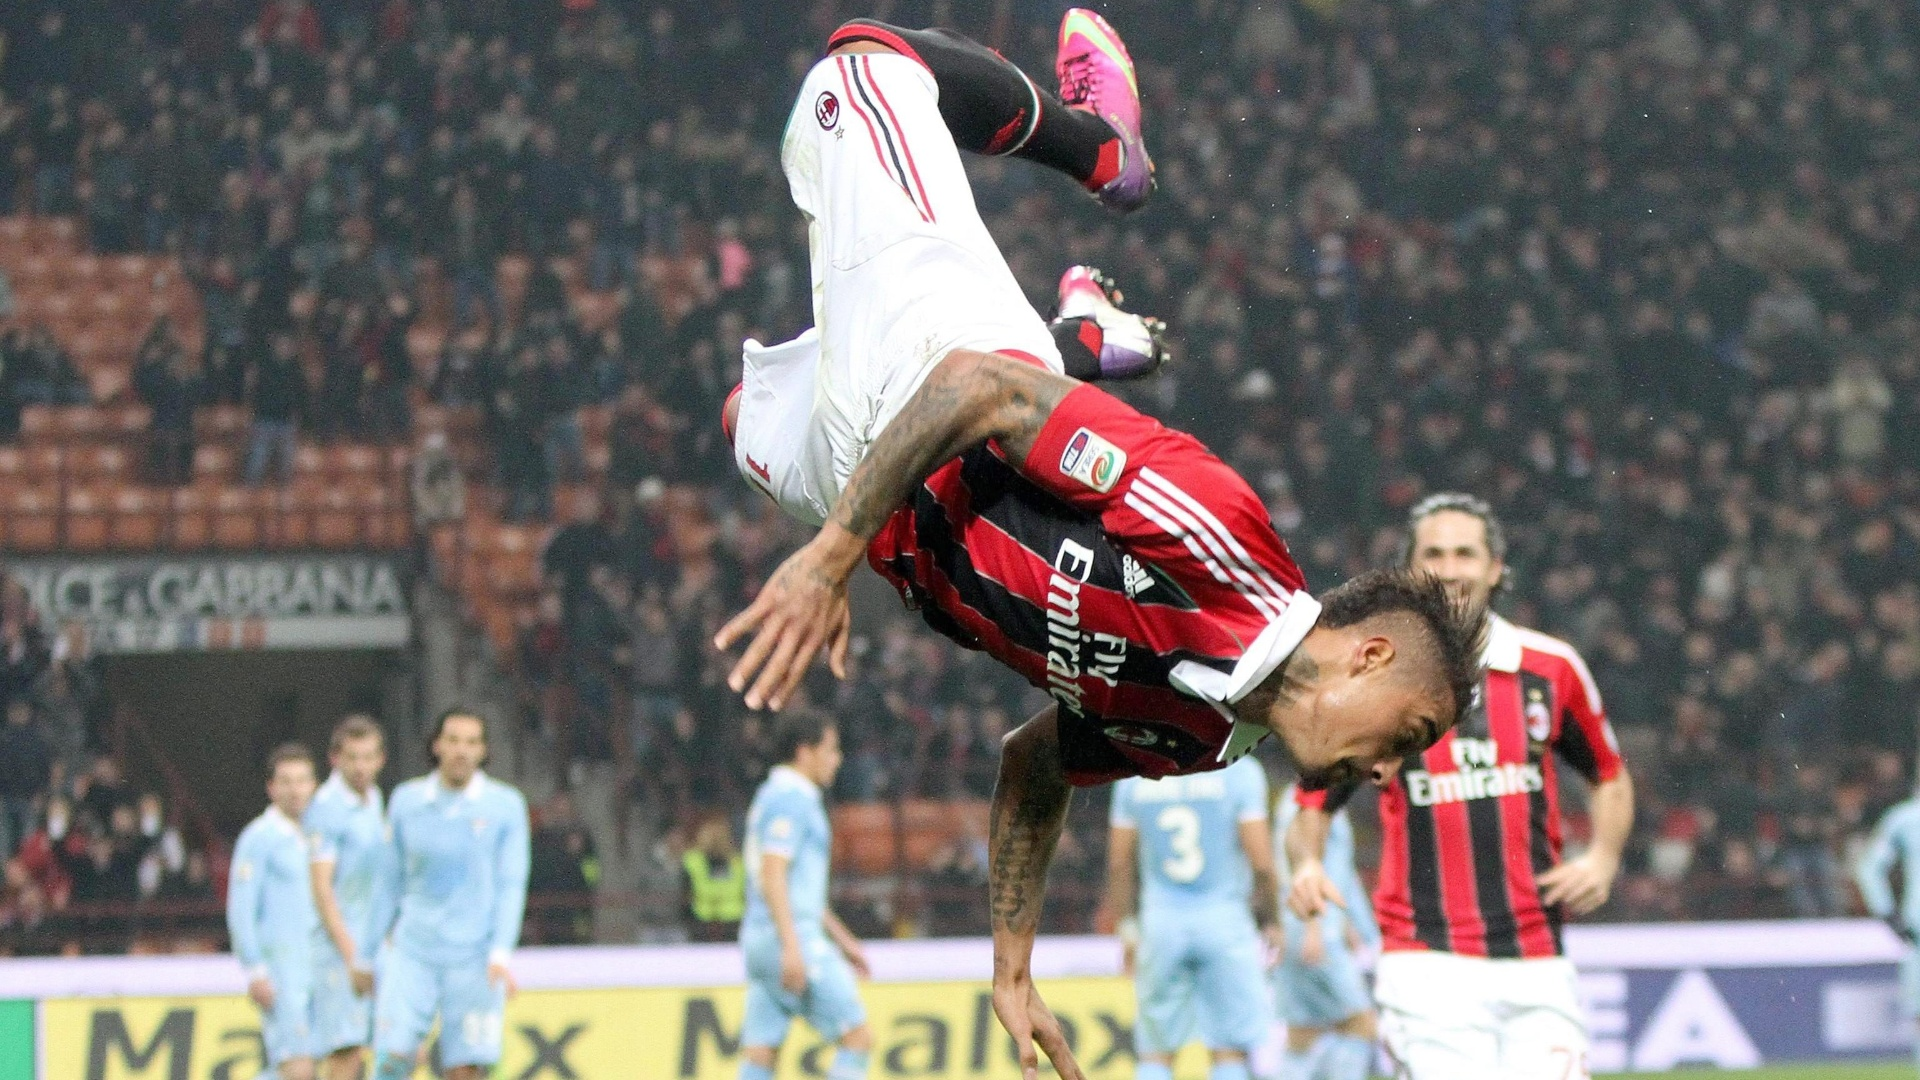 Boateng (foto) e Pazzini marcaram os gols do Milan no clássico contra Lazio